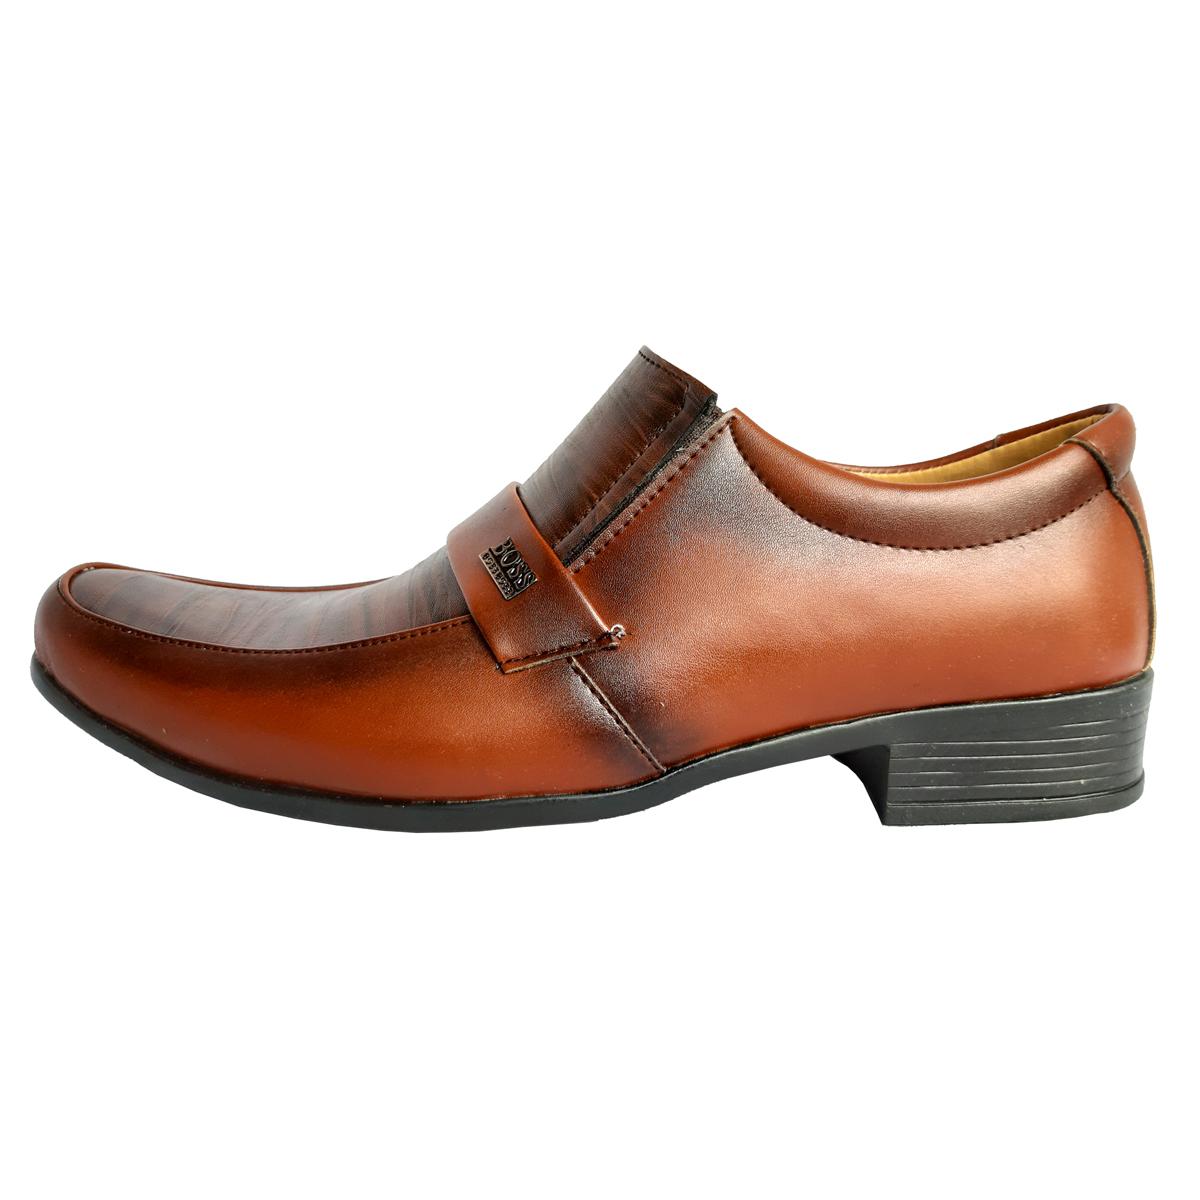 کفش مردانه مدل fafix-101 رنگ عسلی